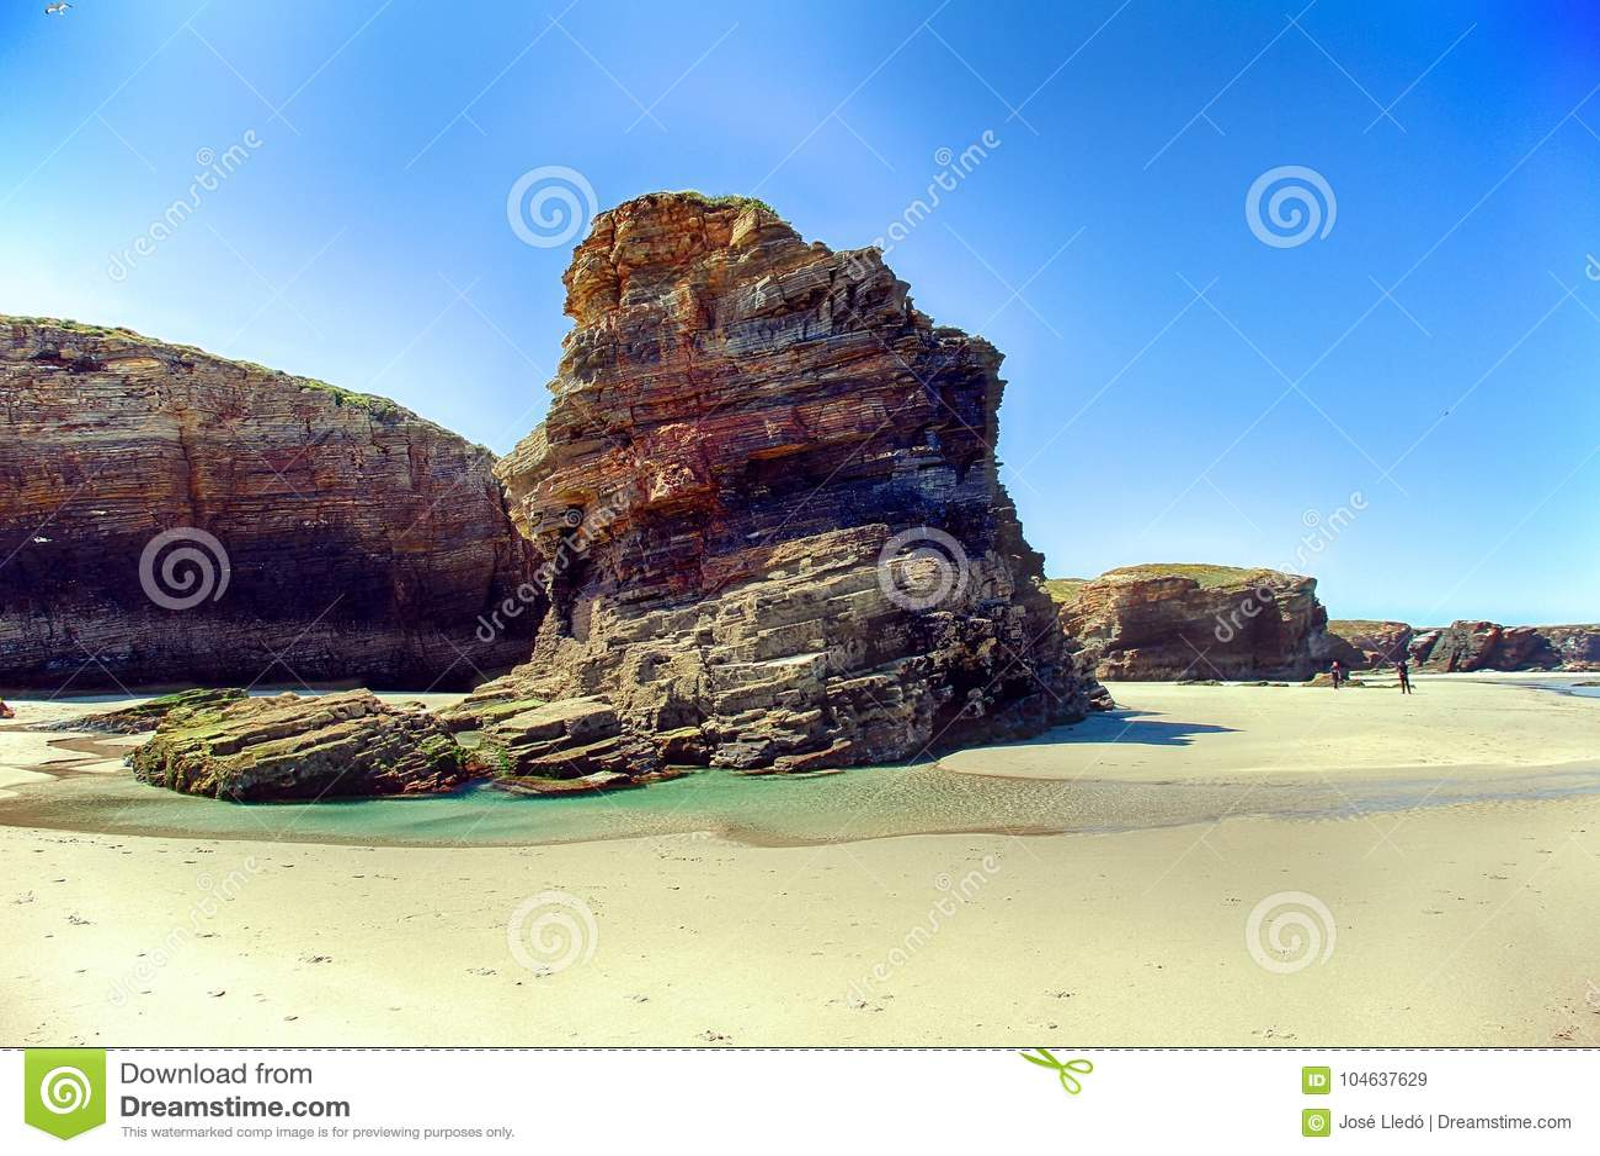 Download Het Kathedralenstrand In Eb Met Rotsen Erosioned Door De Actie Van Het Overzees Stock Afbeelding - Afbeelding bestaande uit steen, sluit: 104637629